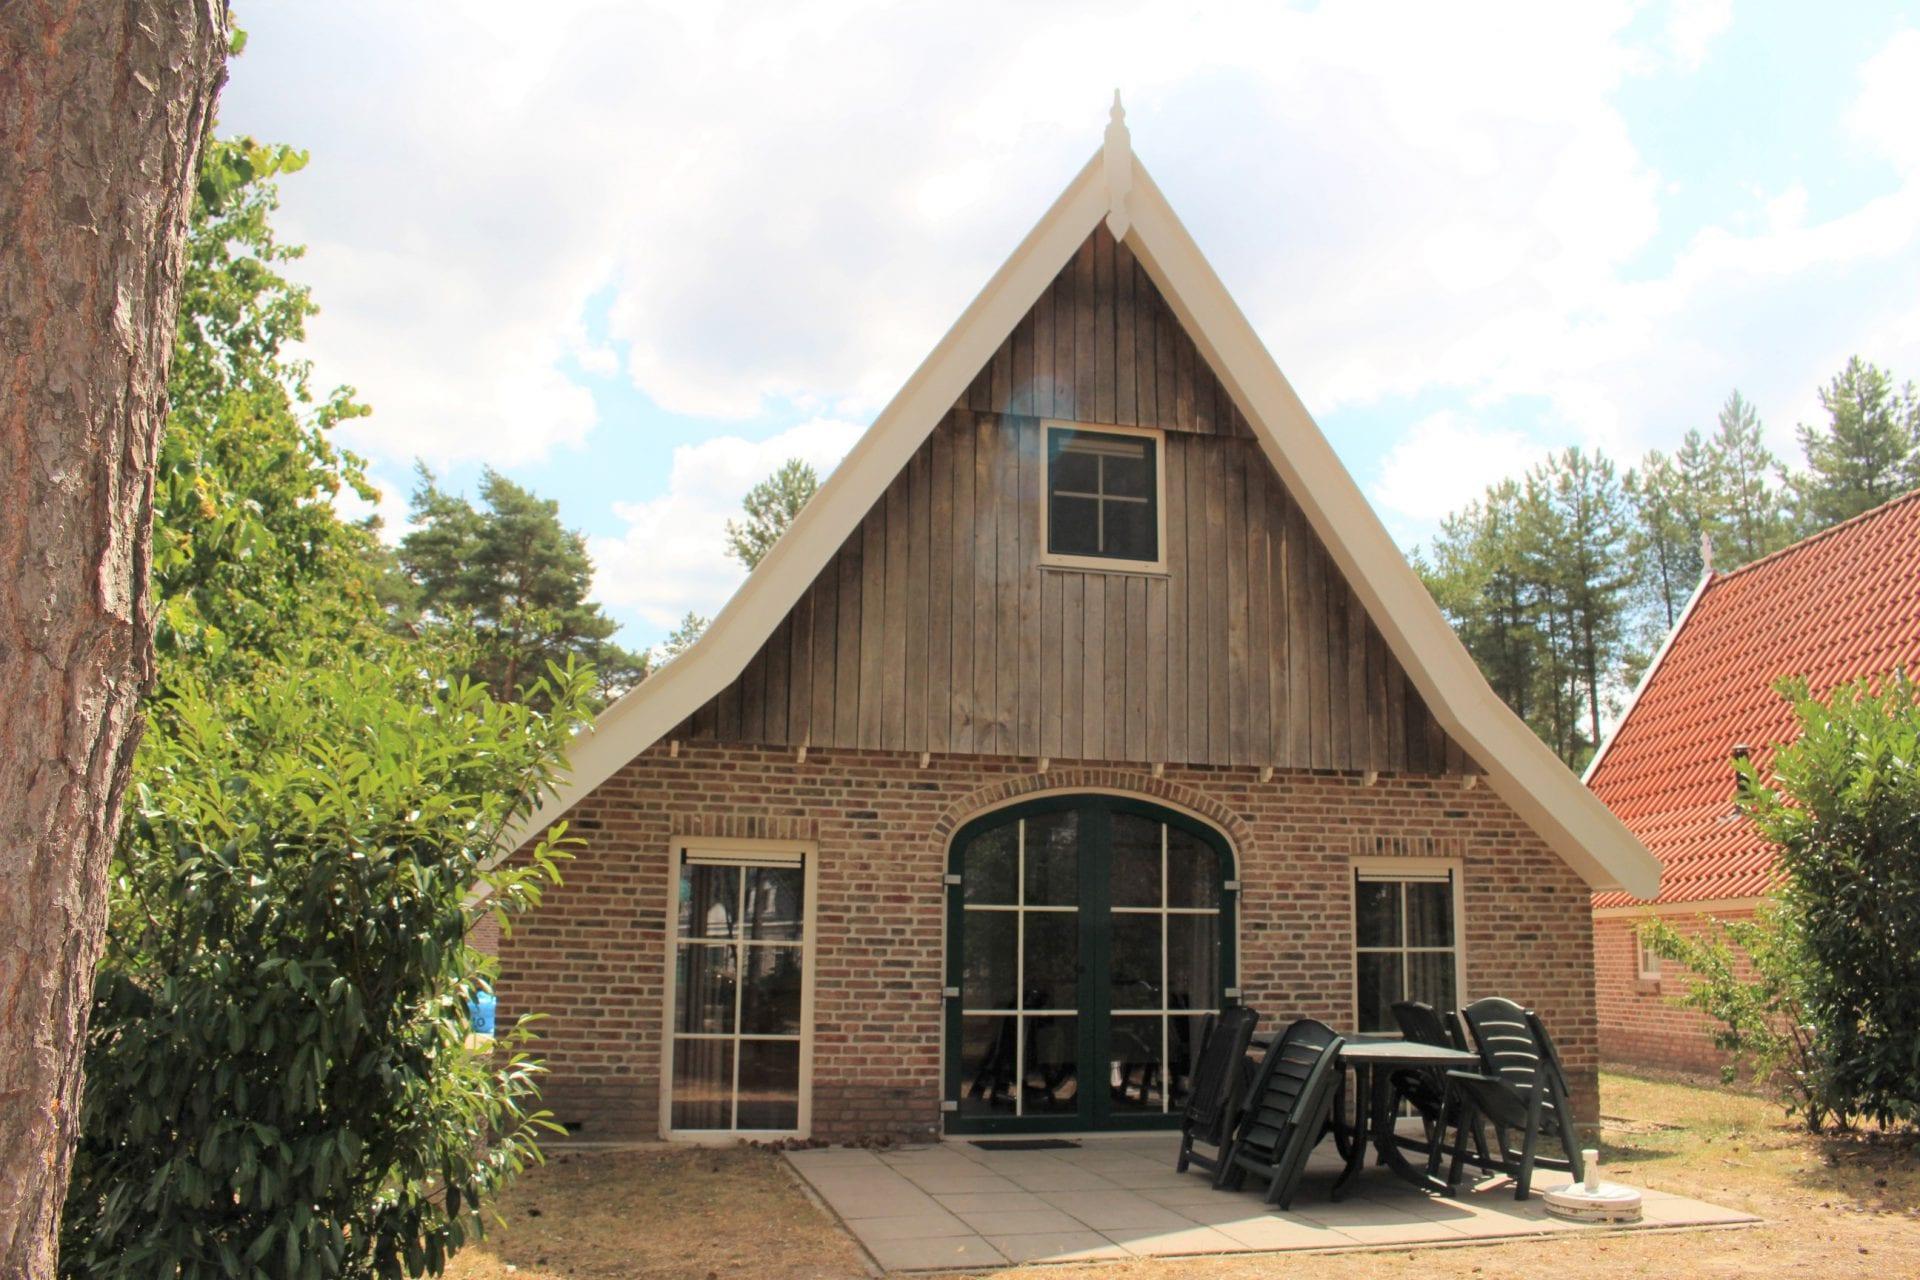 1 Vakantiehuis Landgoed De Hellendoornse Berg nr. 125 - Steeger Hoes 4-pers. Comfort zomer